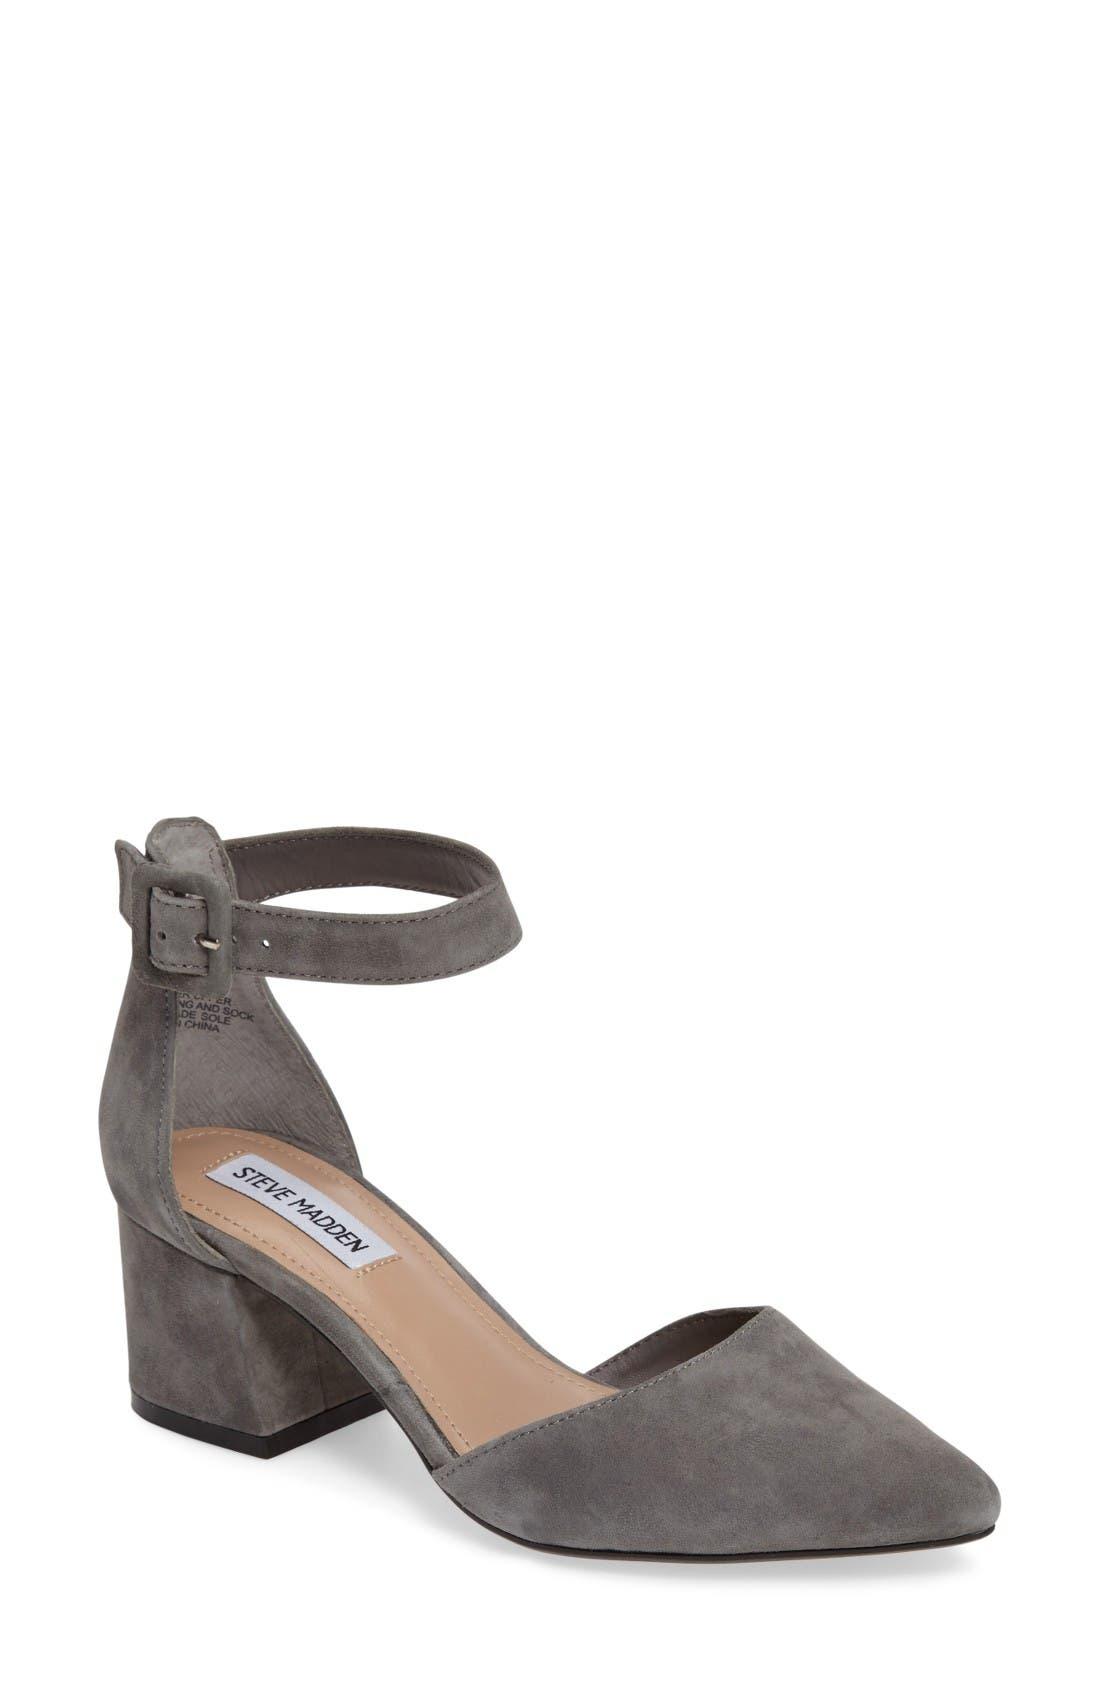 Alternate Image 1 Selected - Steve Madden Dainna d'Orsay Ankle Strap Pump (Women)